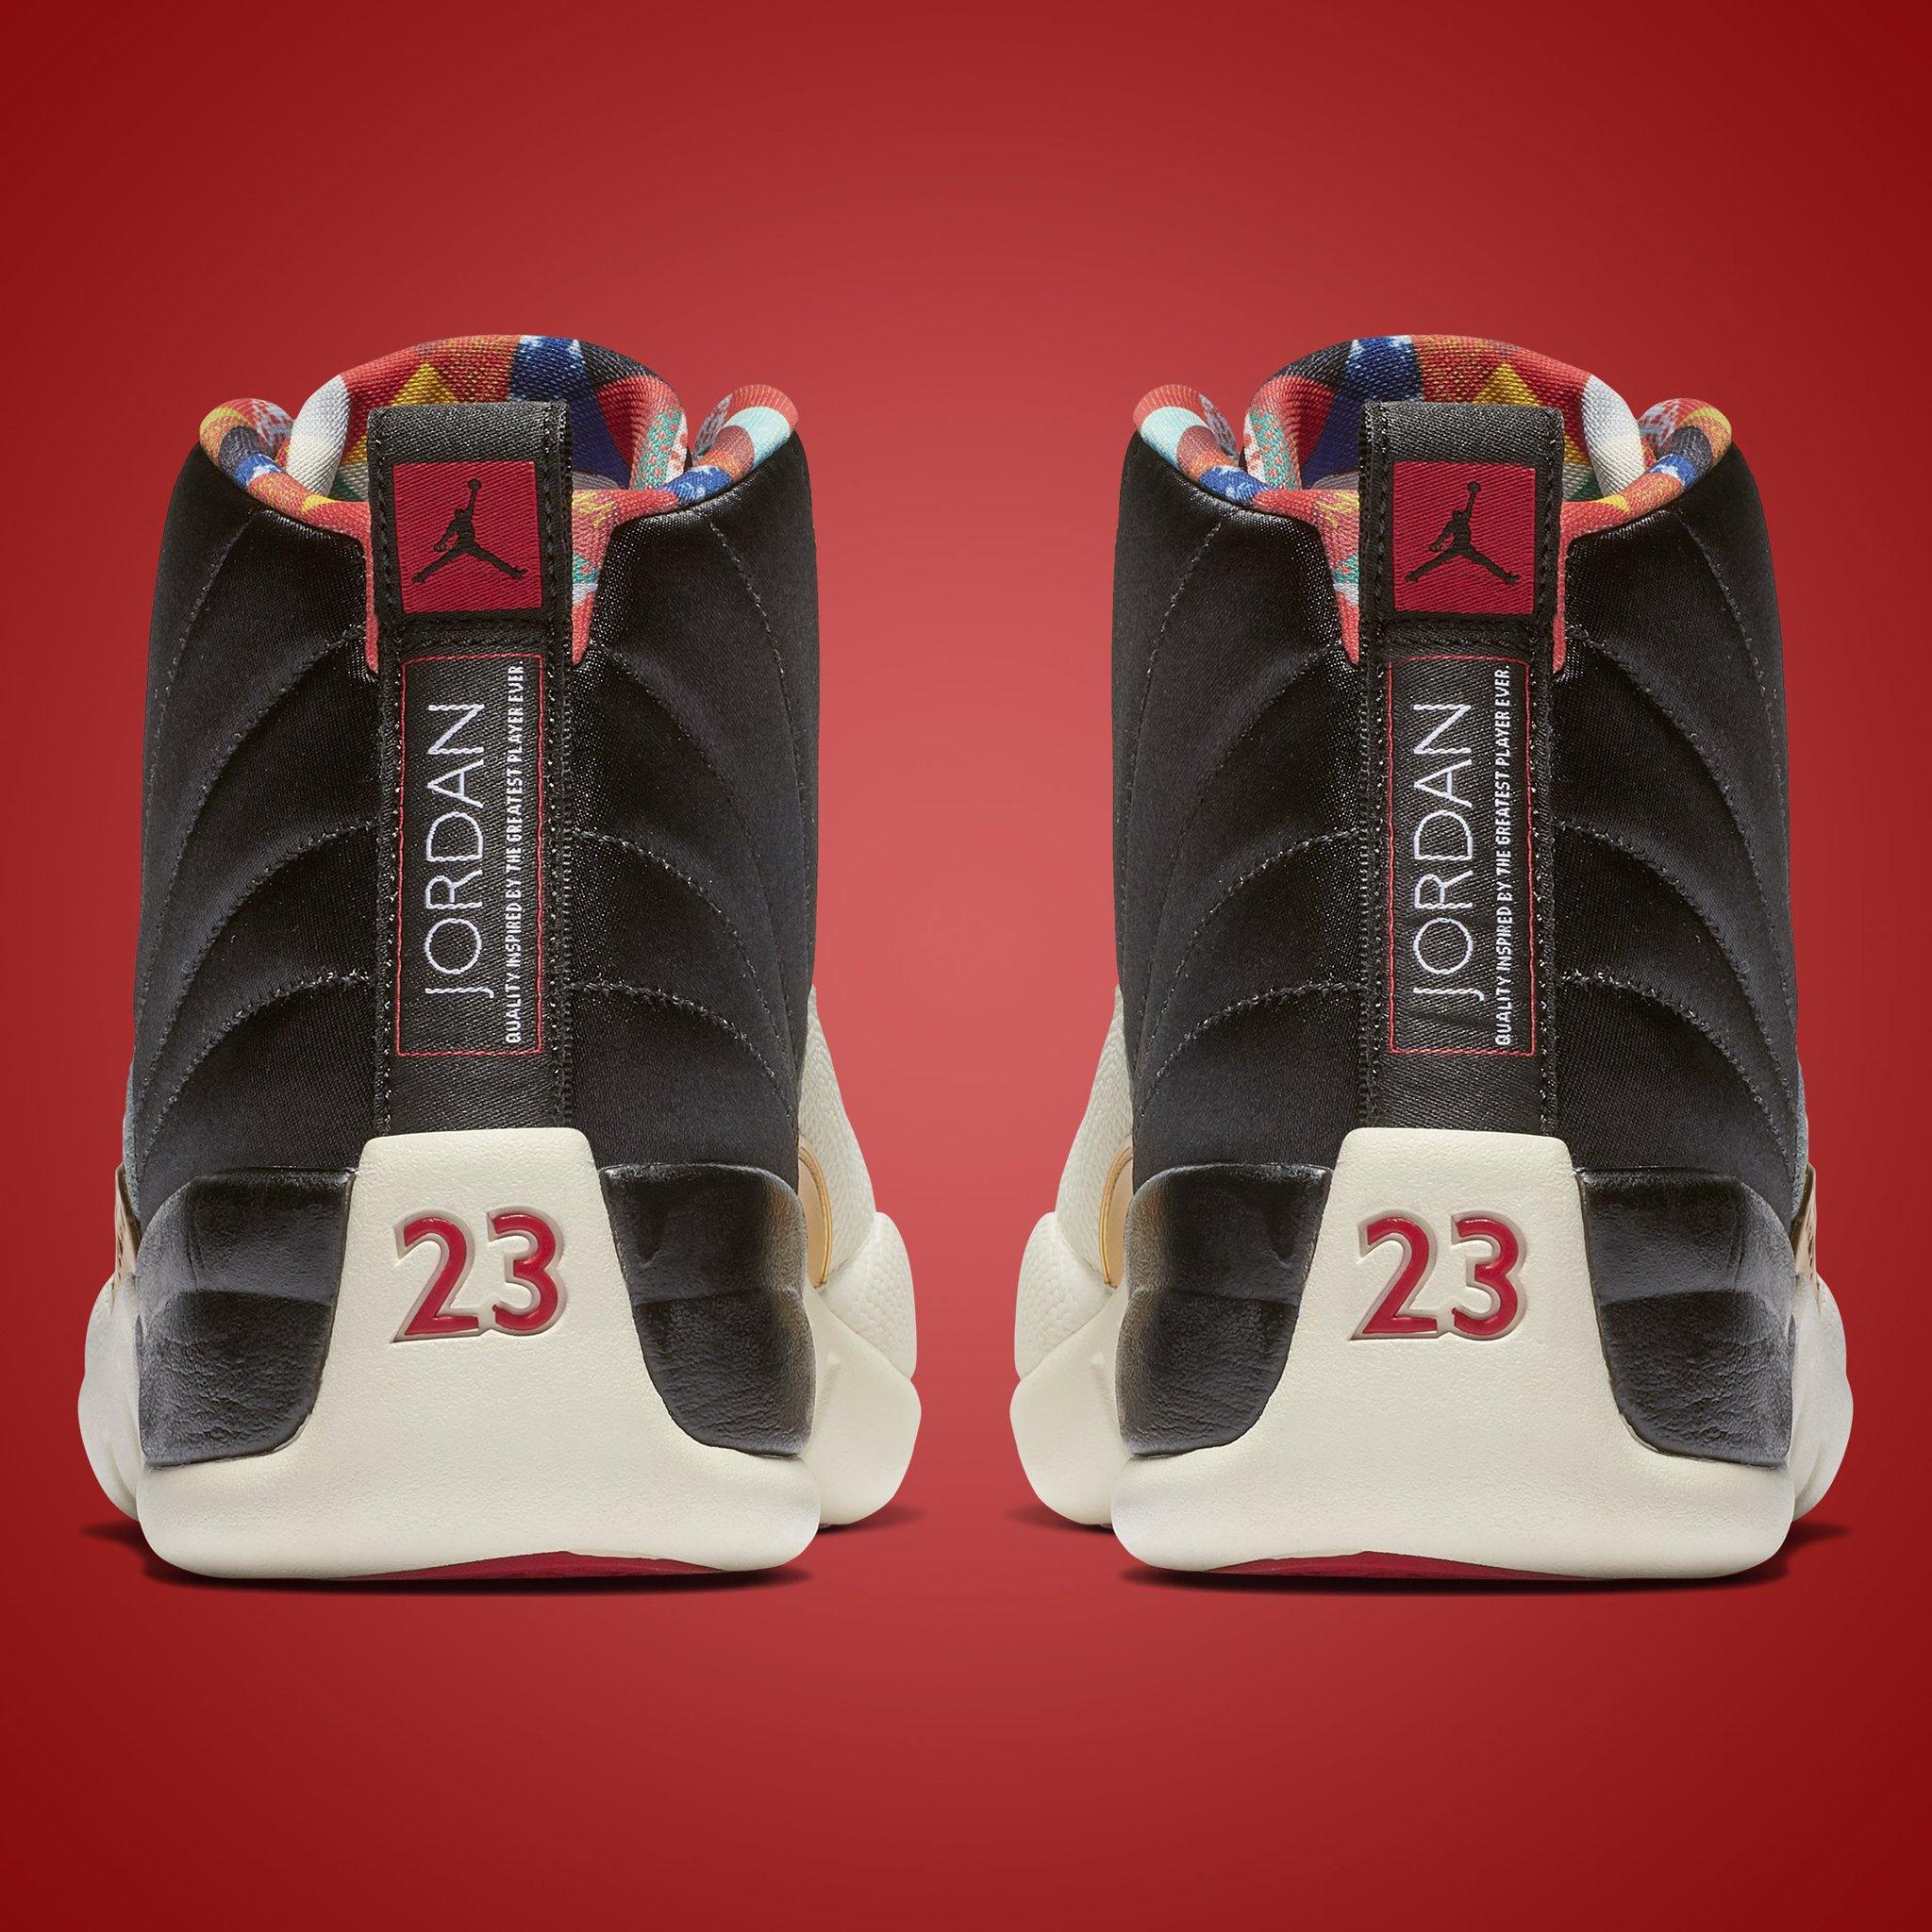 ... Jordan 12 Retro